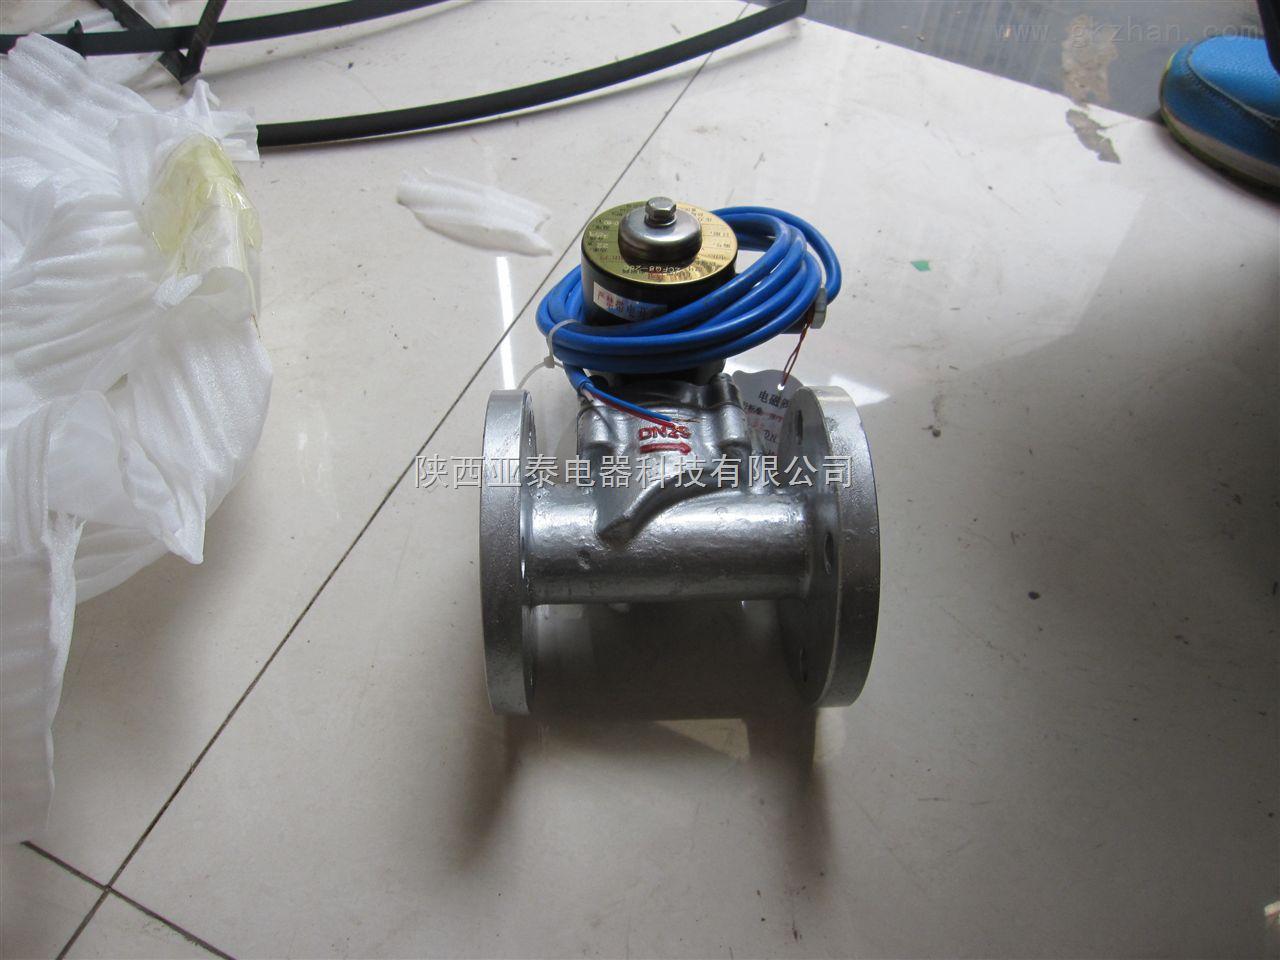 天然气管道电磁切断阀/燃气安全自闭阀/电磁切断阀/切断阀 电磁切断阀